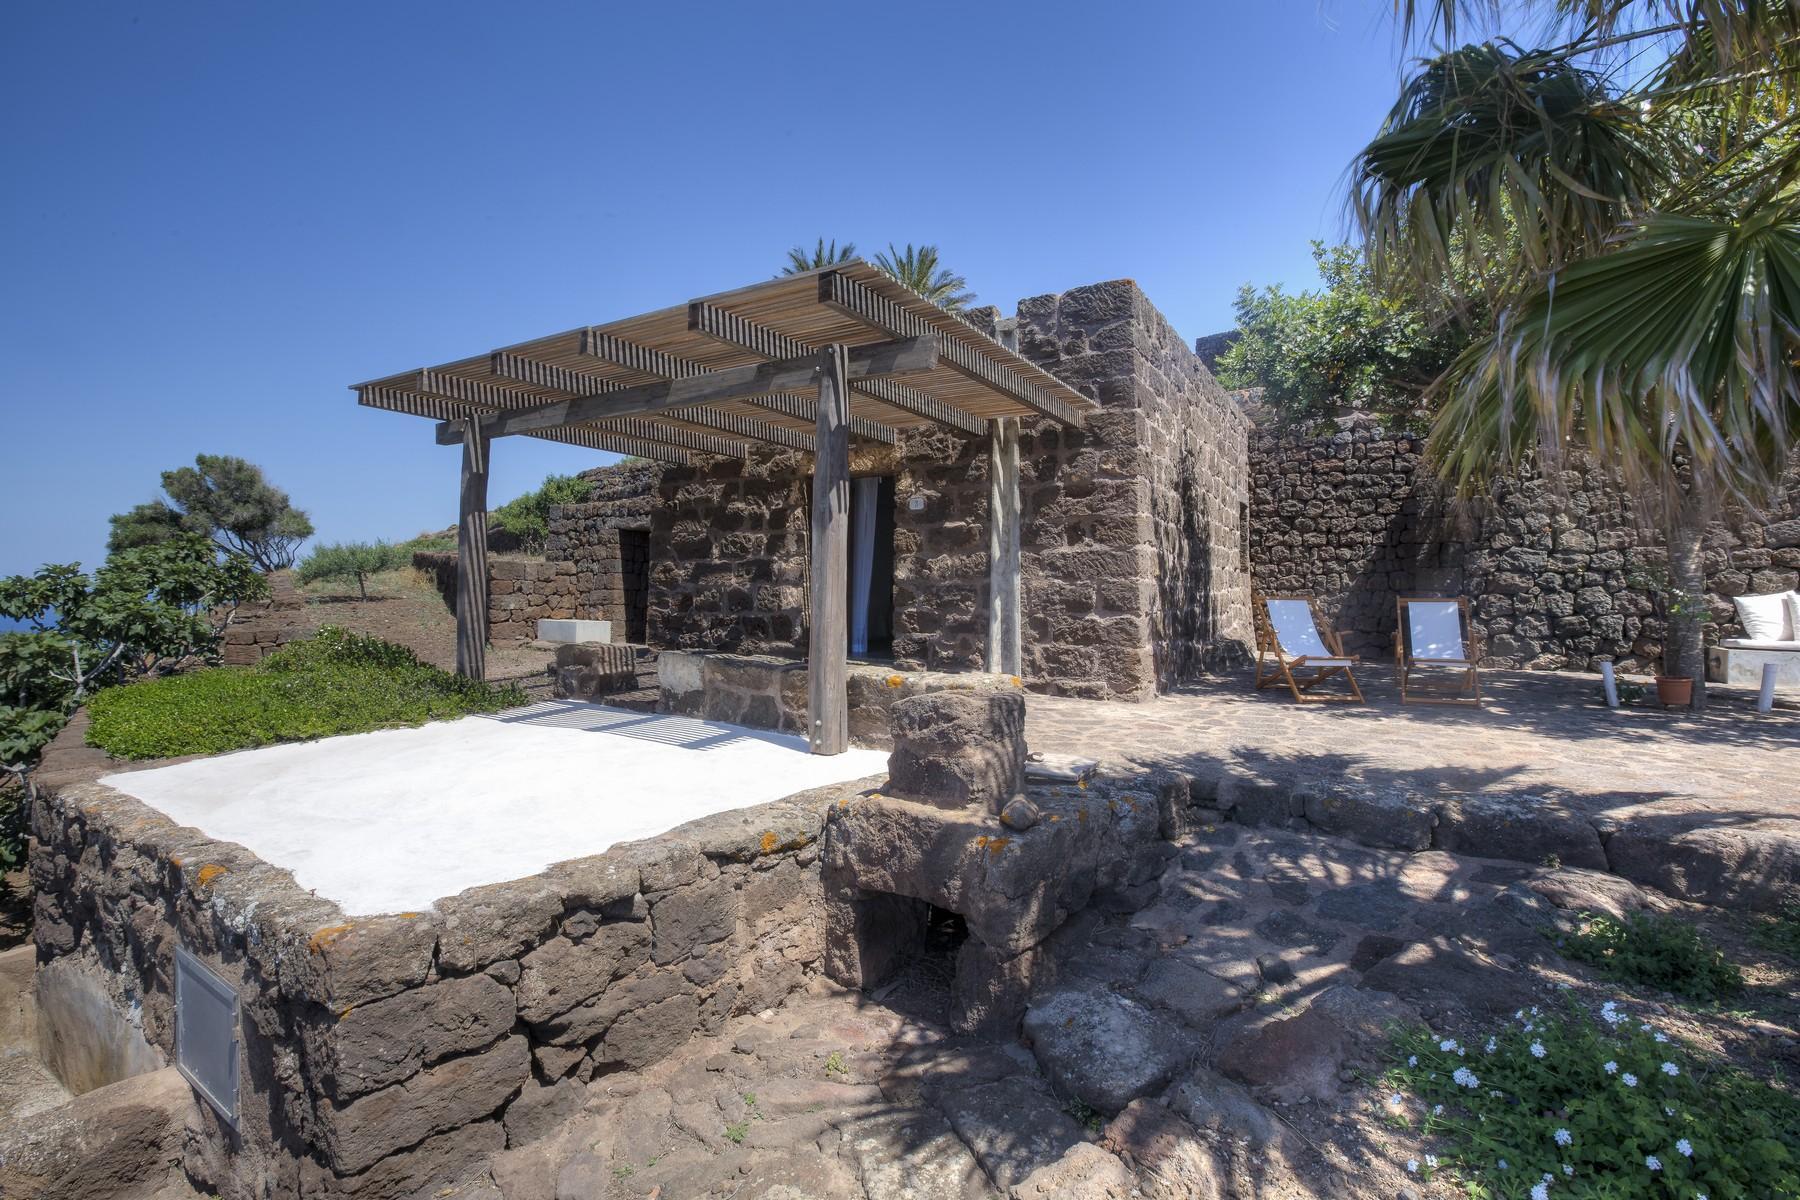 Un paradiso incontaminato nell'esclusiva isola di Pantelleria - 16